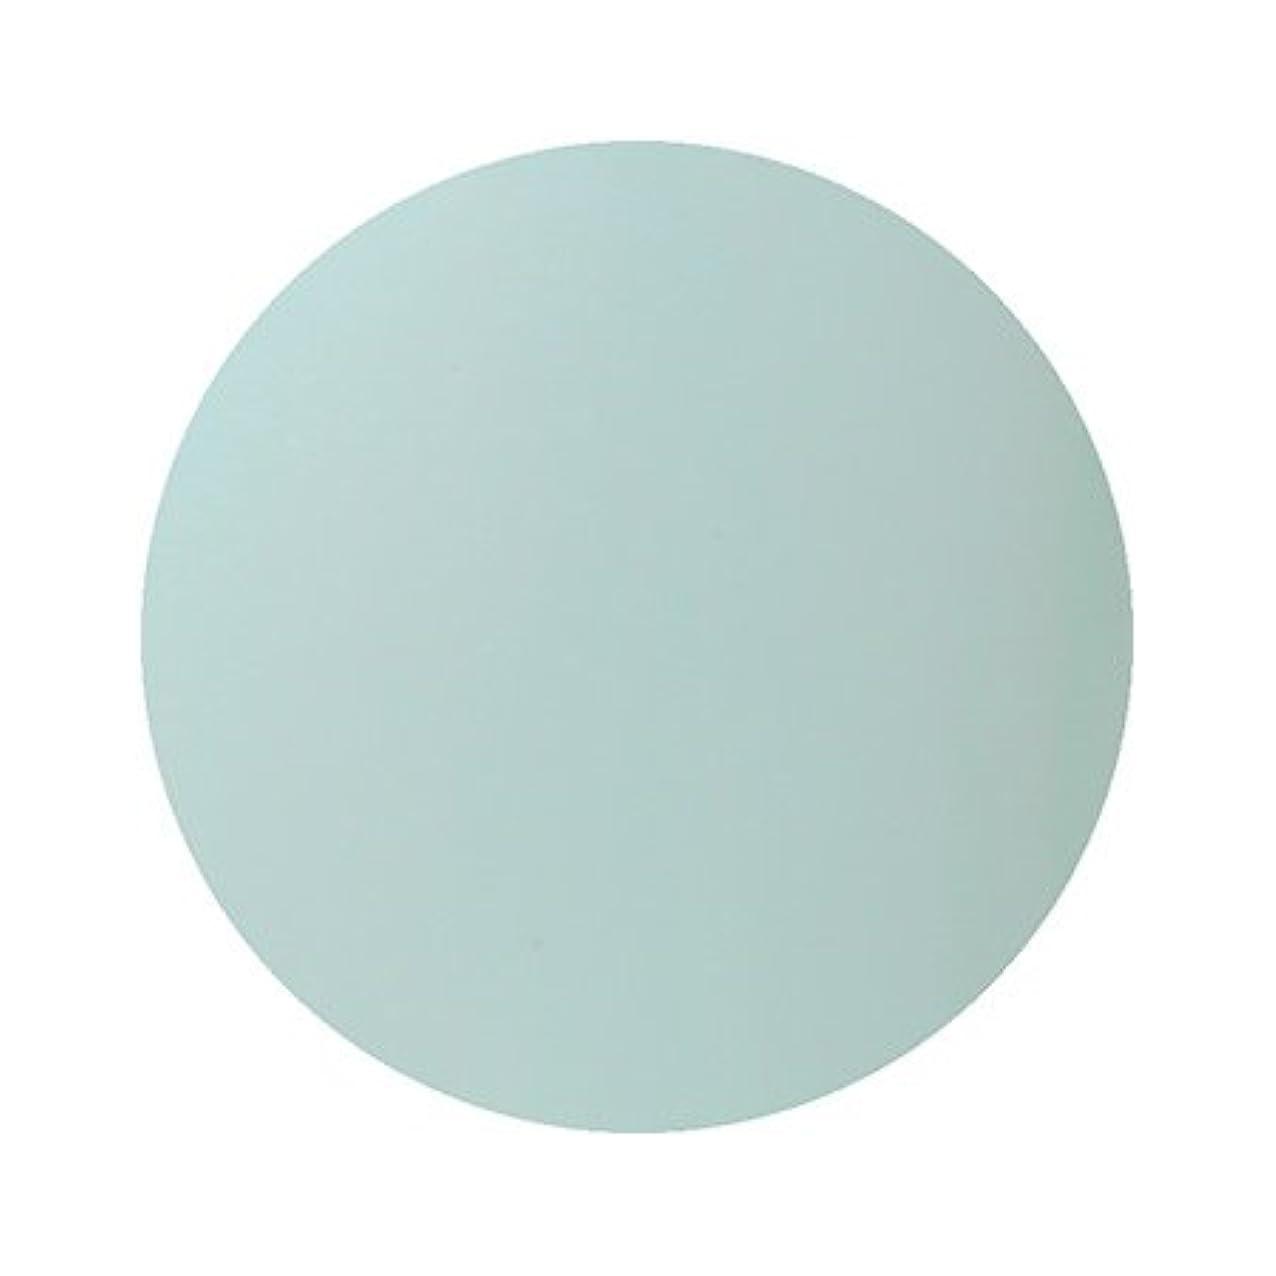 共感するアームストロング提案パラポリッシュ ハイブリッドカラージェル M9 アイスブルー 7g